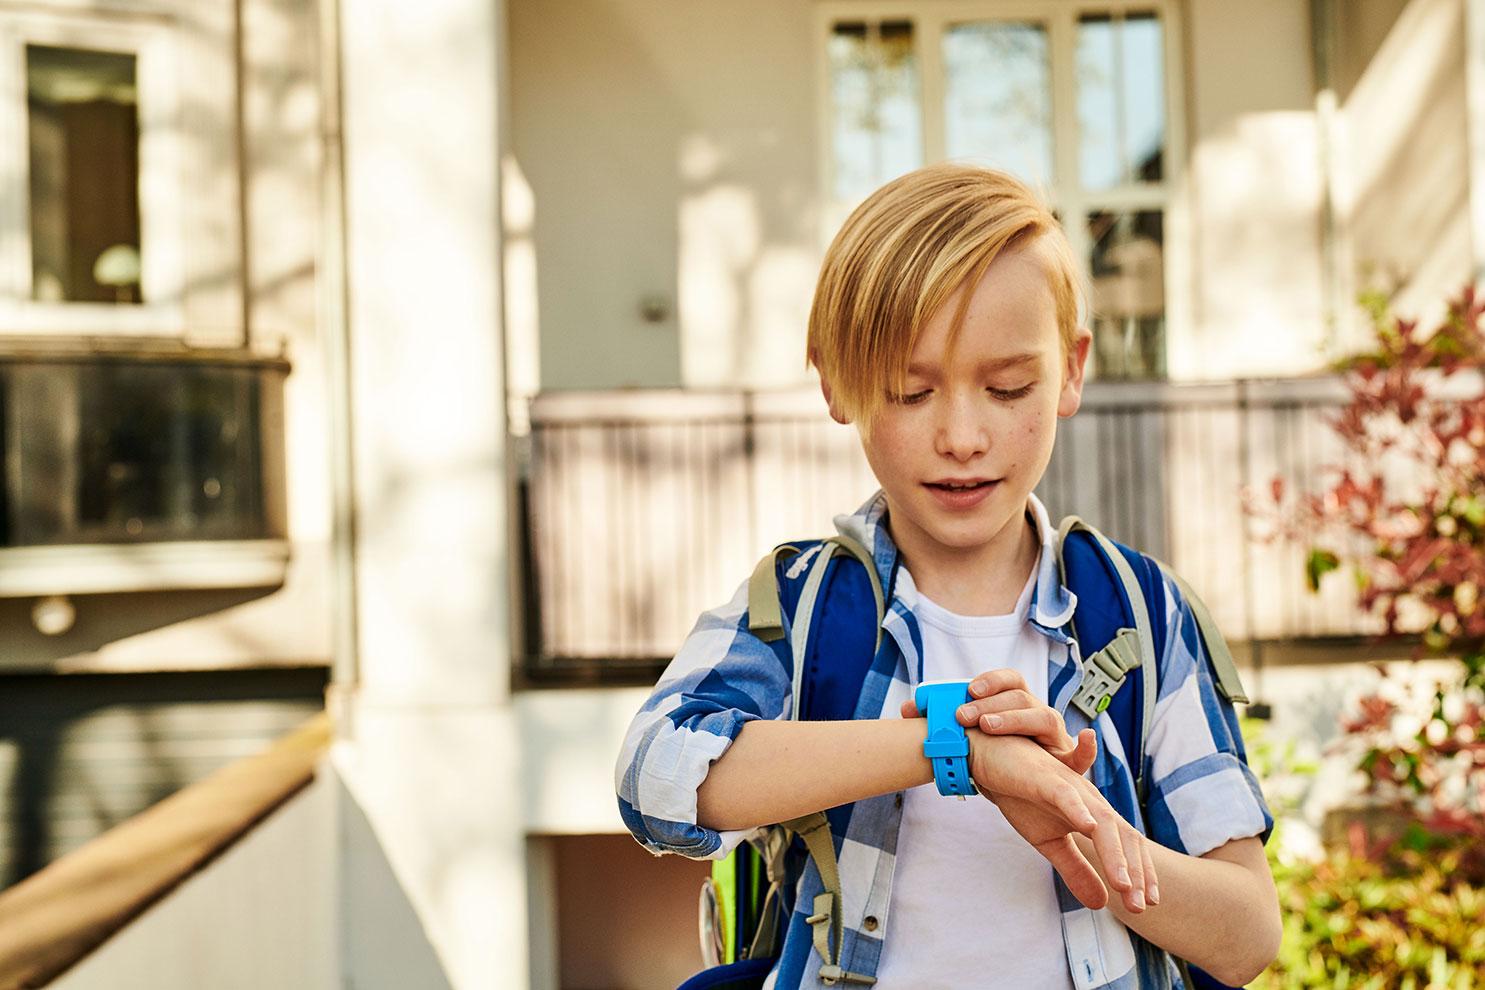 Zadbaj o bezpieczeństwo dzieci podczas wakacji z usługami T-Mobile